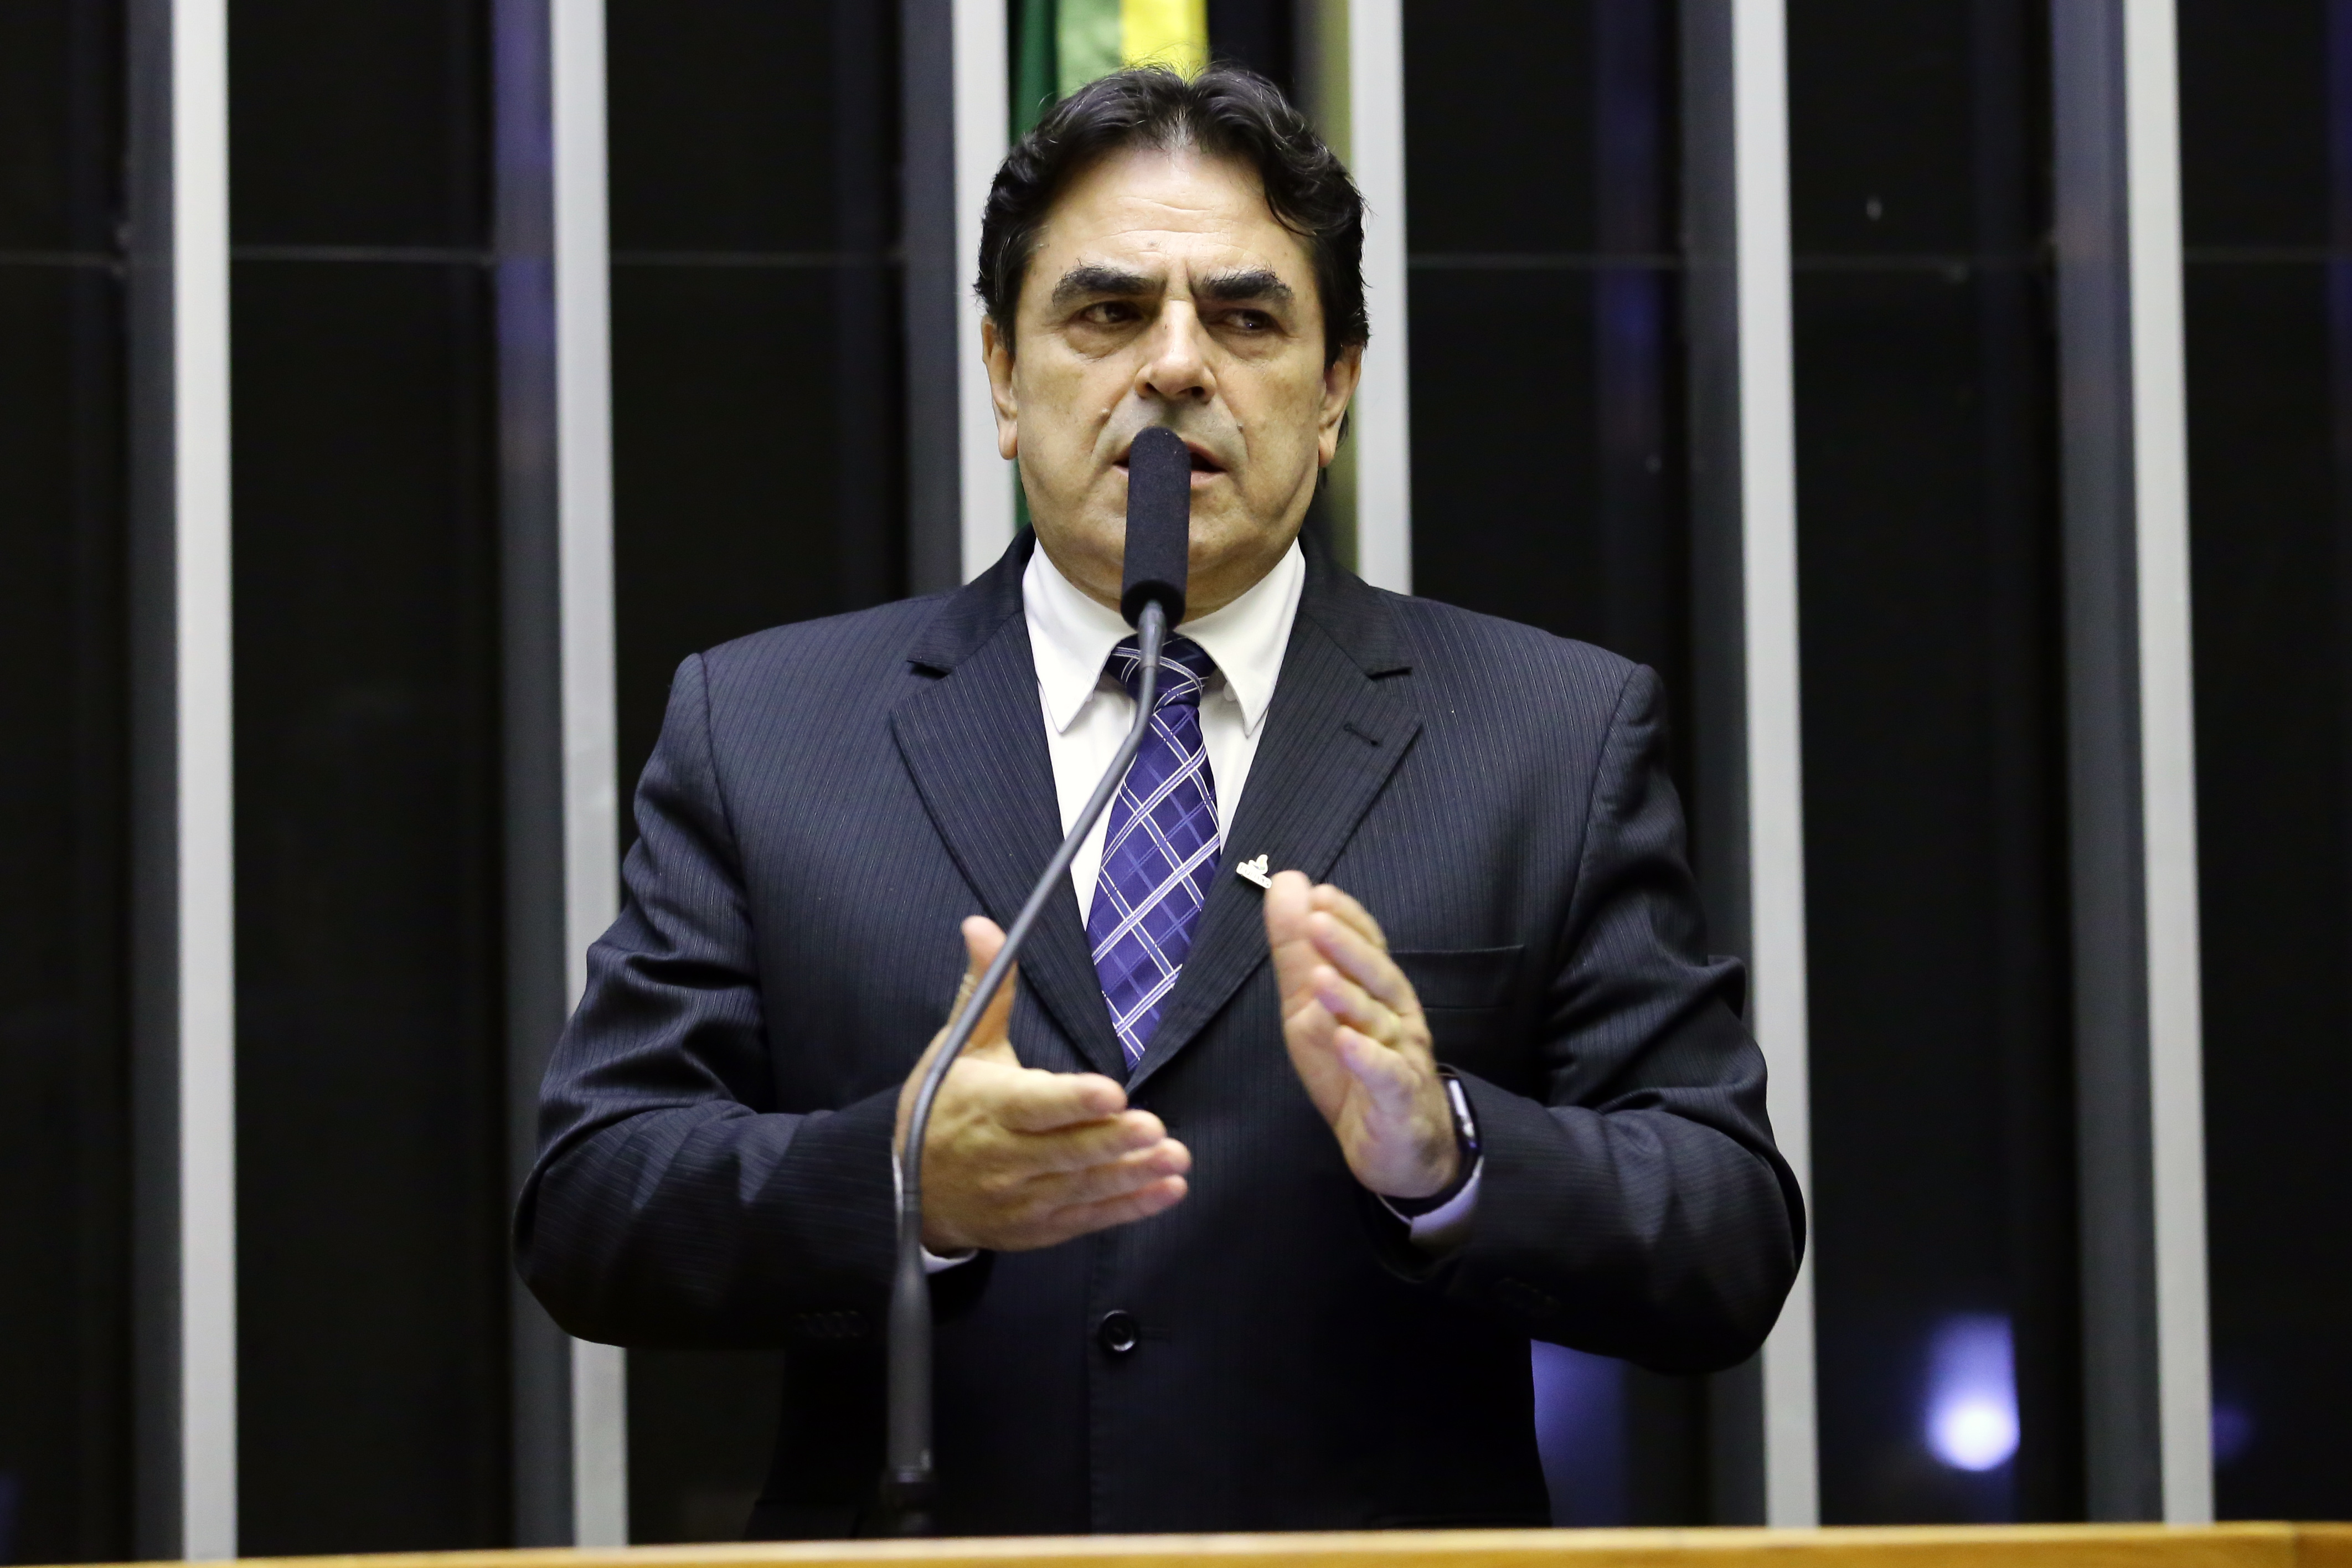 Homenagem ao Aniversário de FURNAS. Dep. Domingos Sávio (PSDB - MG)